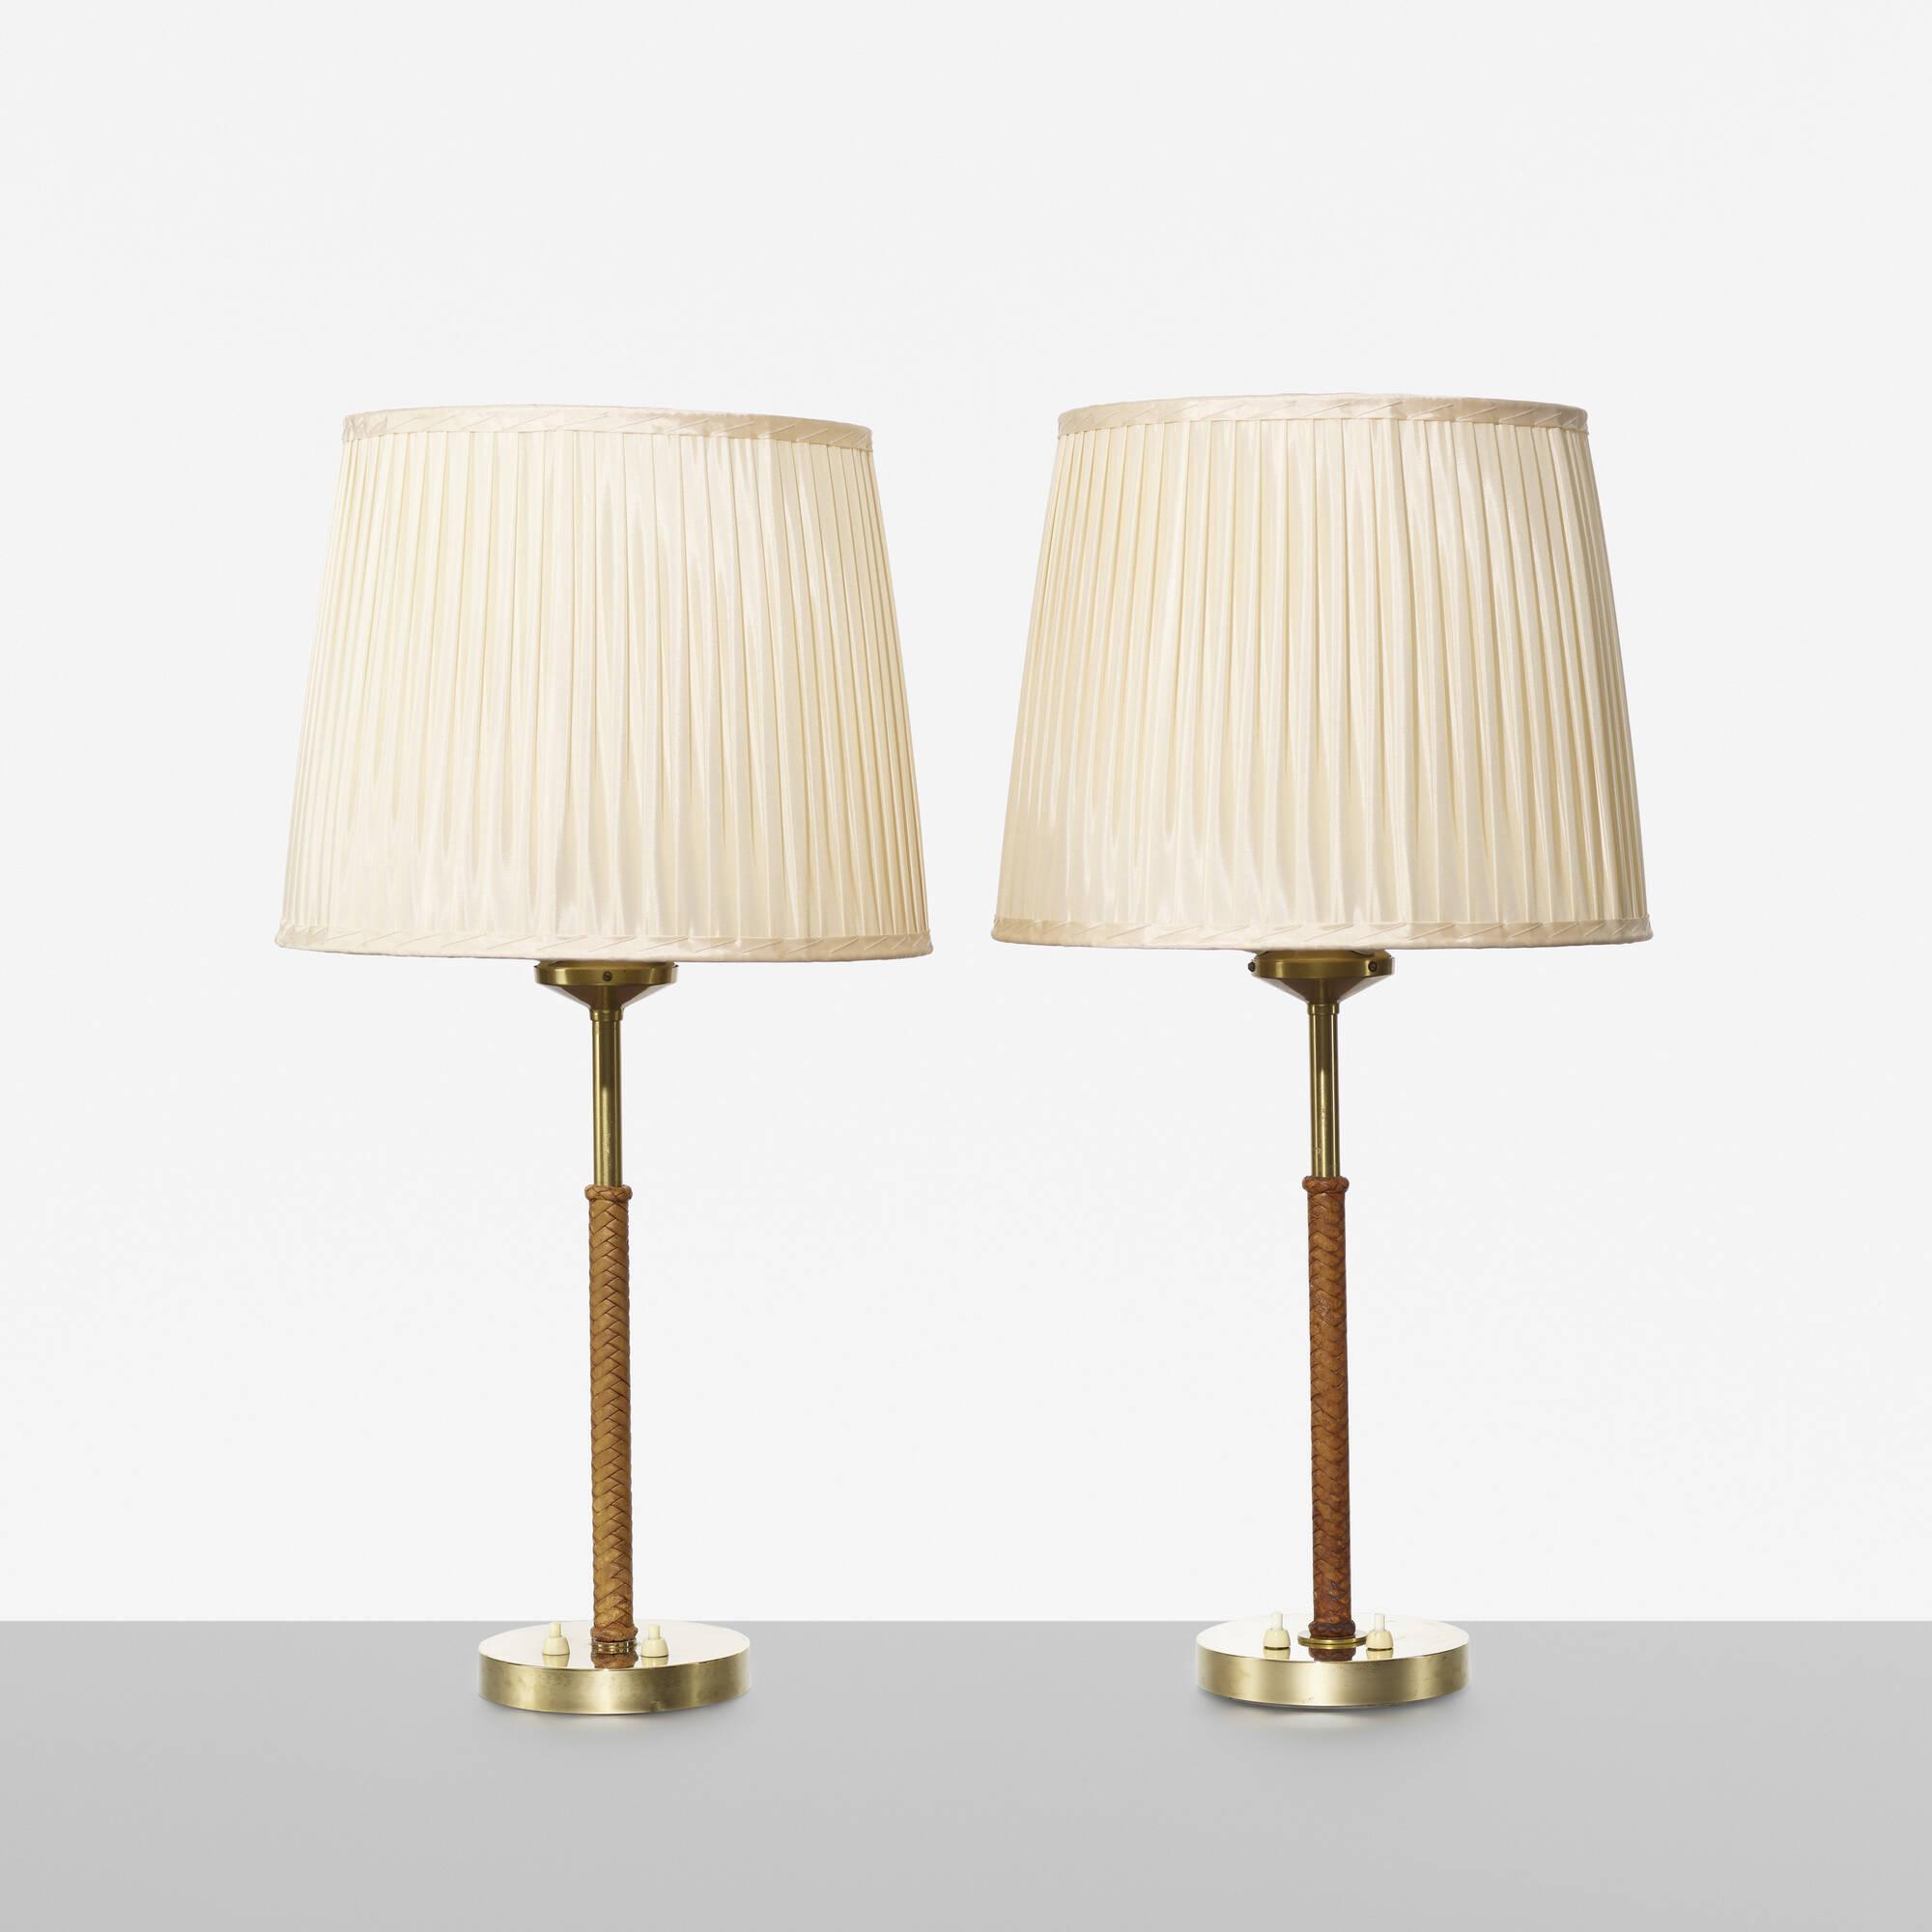 284: Bertil Brisborg / table lamps, pair (1 of 2)